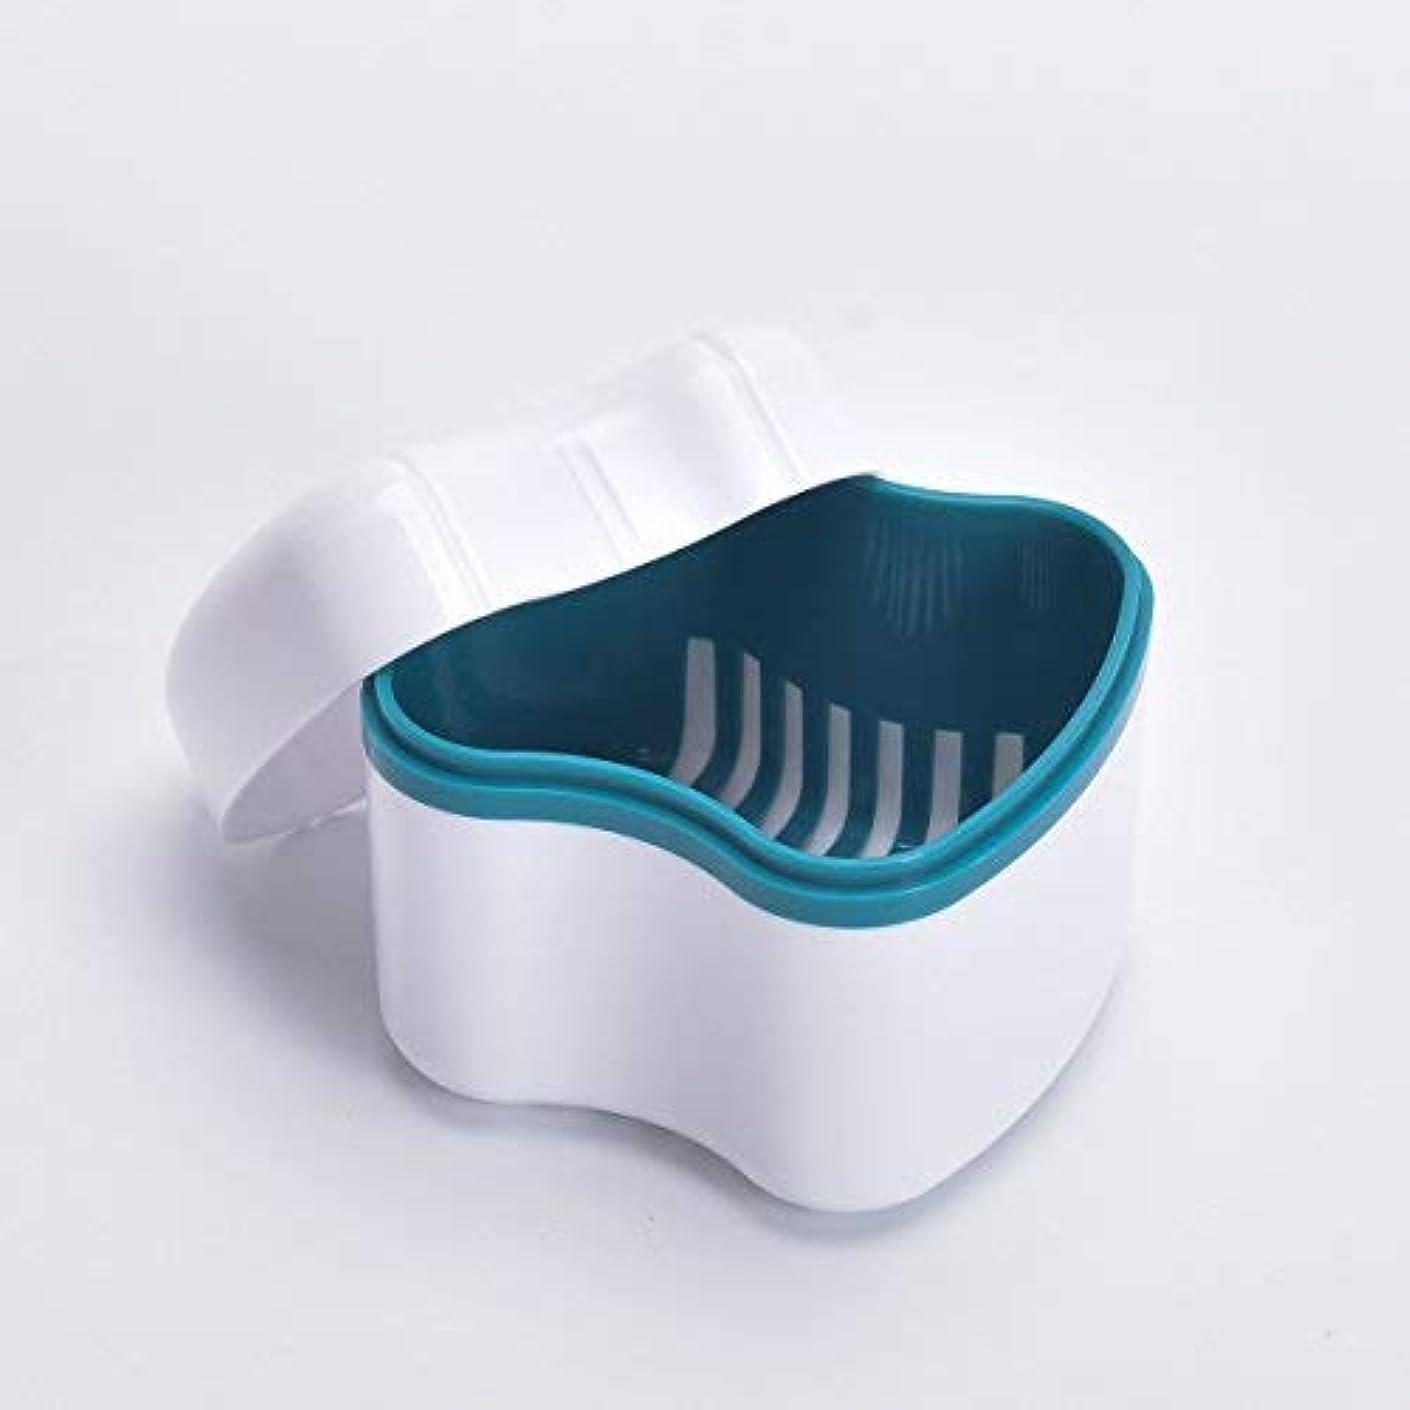 コンプリートベーカリー支払い入れ歯キレイ 口腔専科  保管ケース 白い地味タイプヨーロッパ式 Annhua